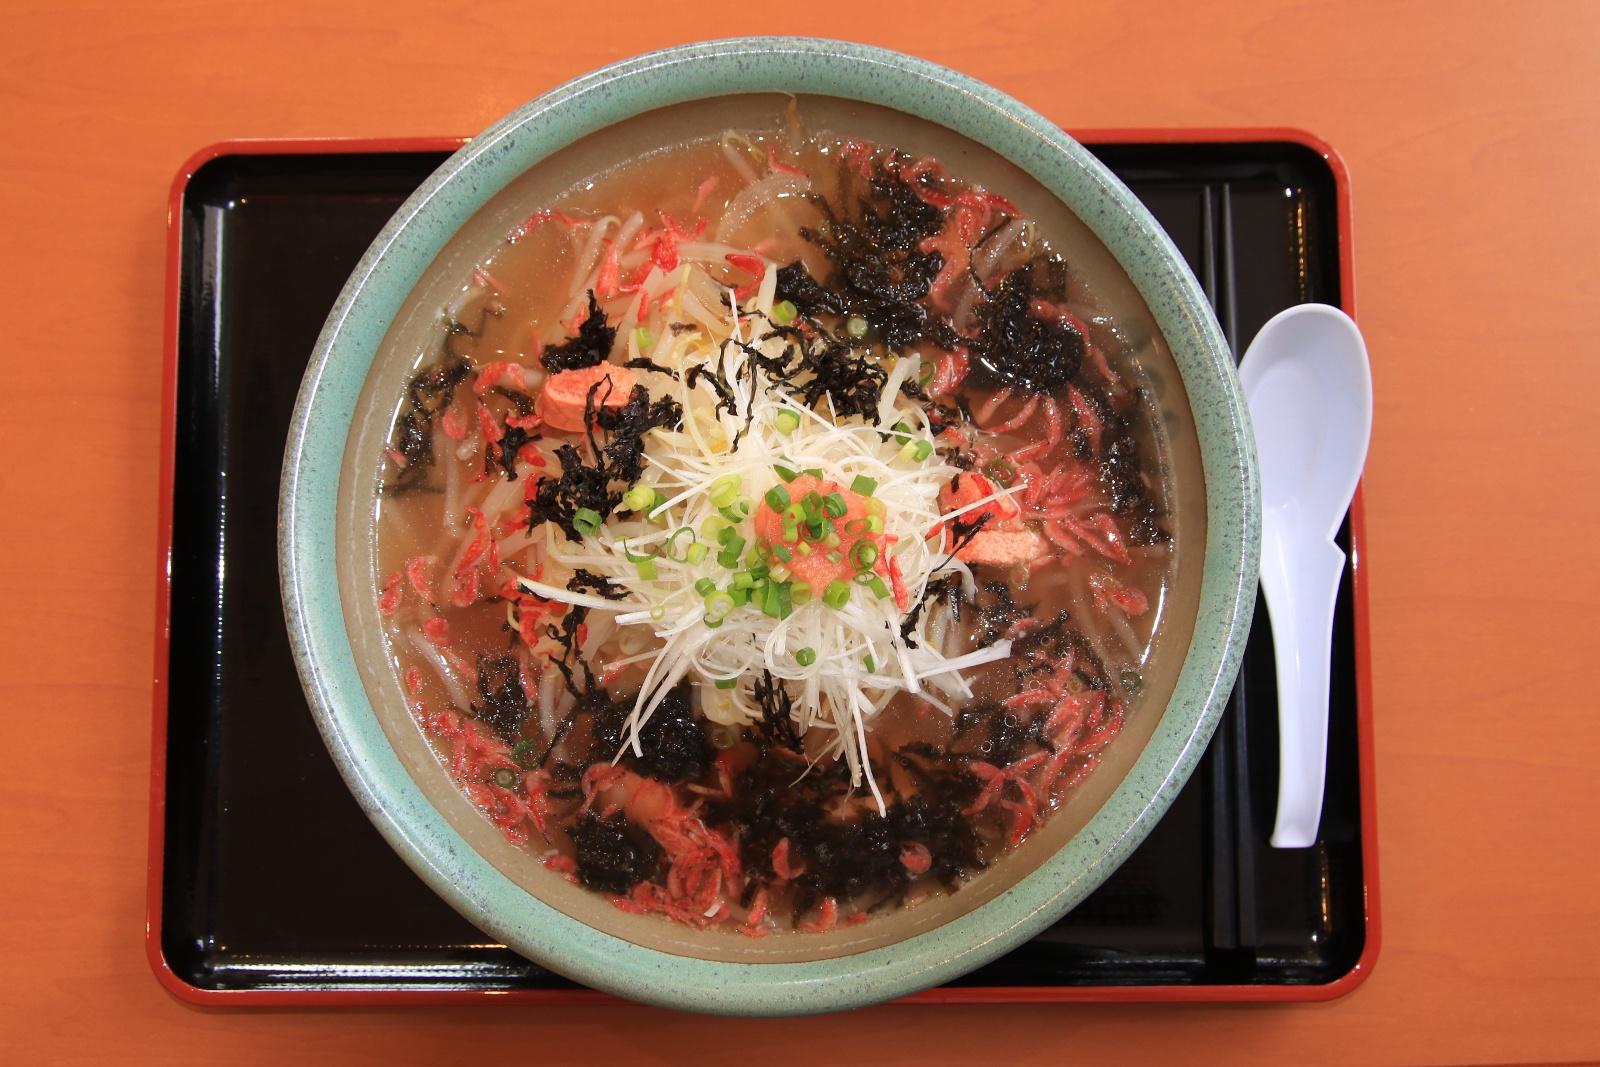 ラーメンにタラコが?岩内町のレストラン吉祥が発案した「吉祥麺」とは